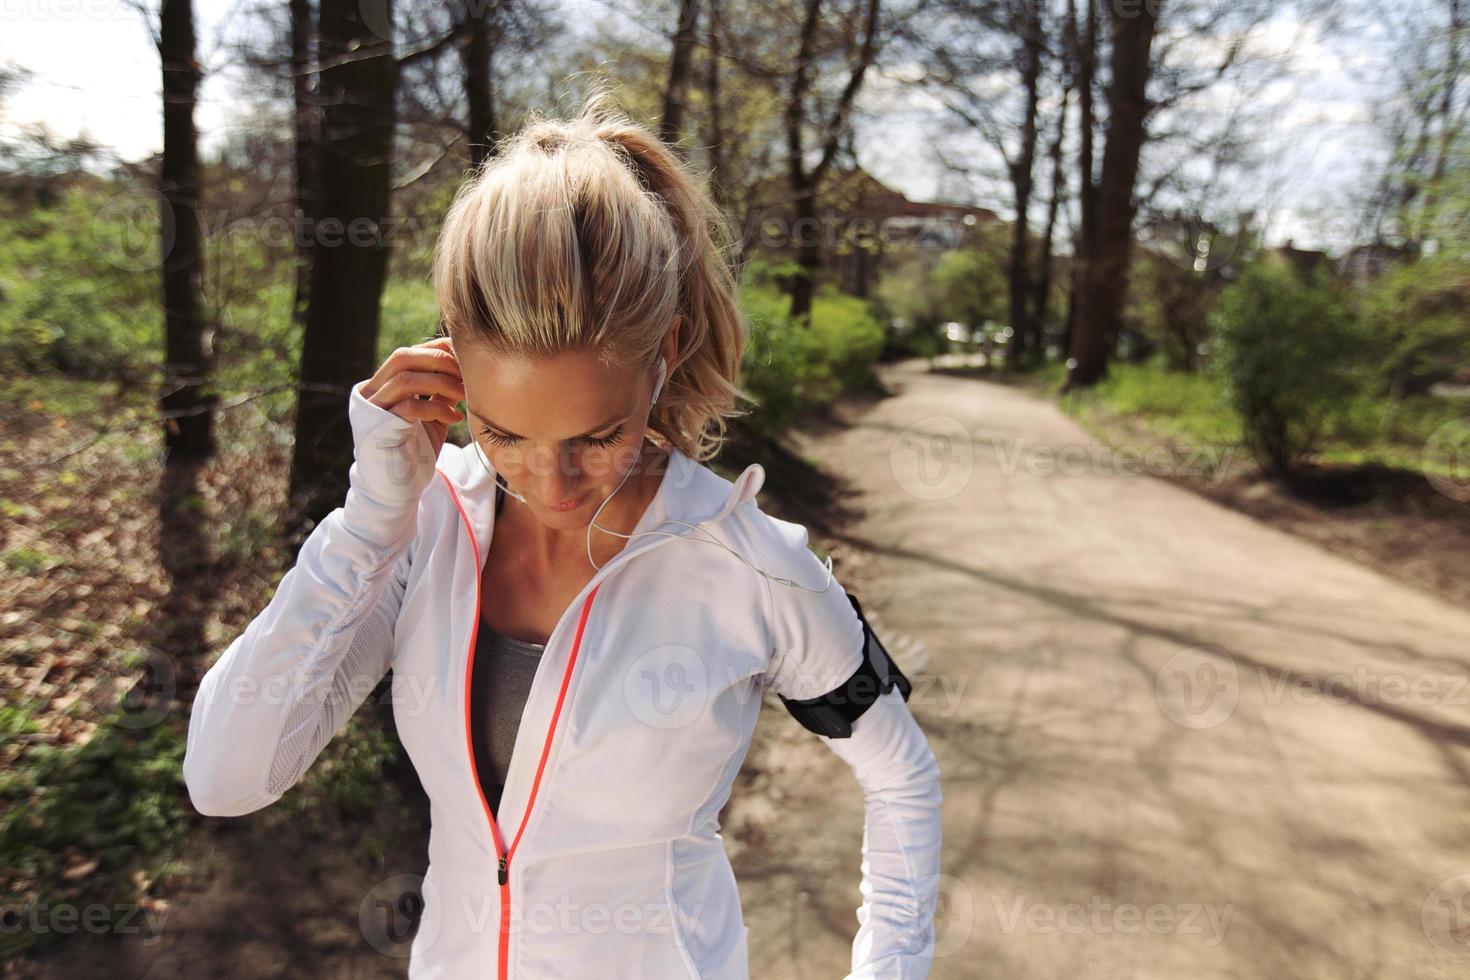 fit femme athlète avant sa course en forêt photo